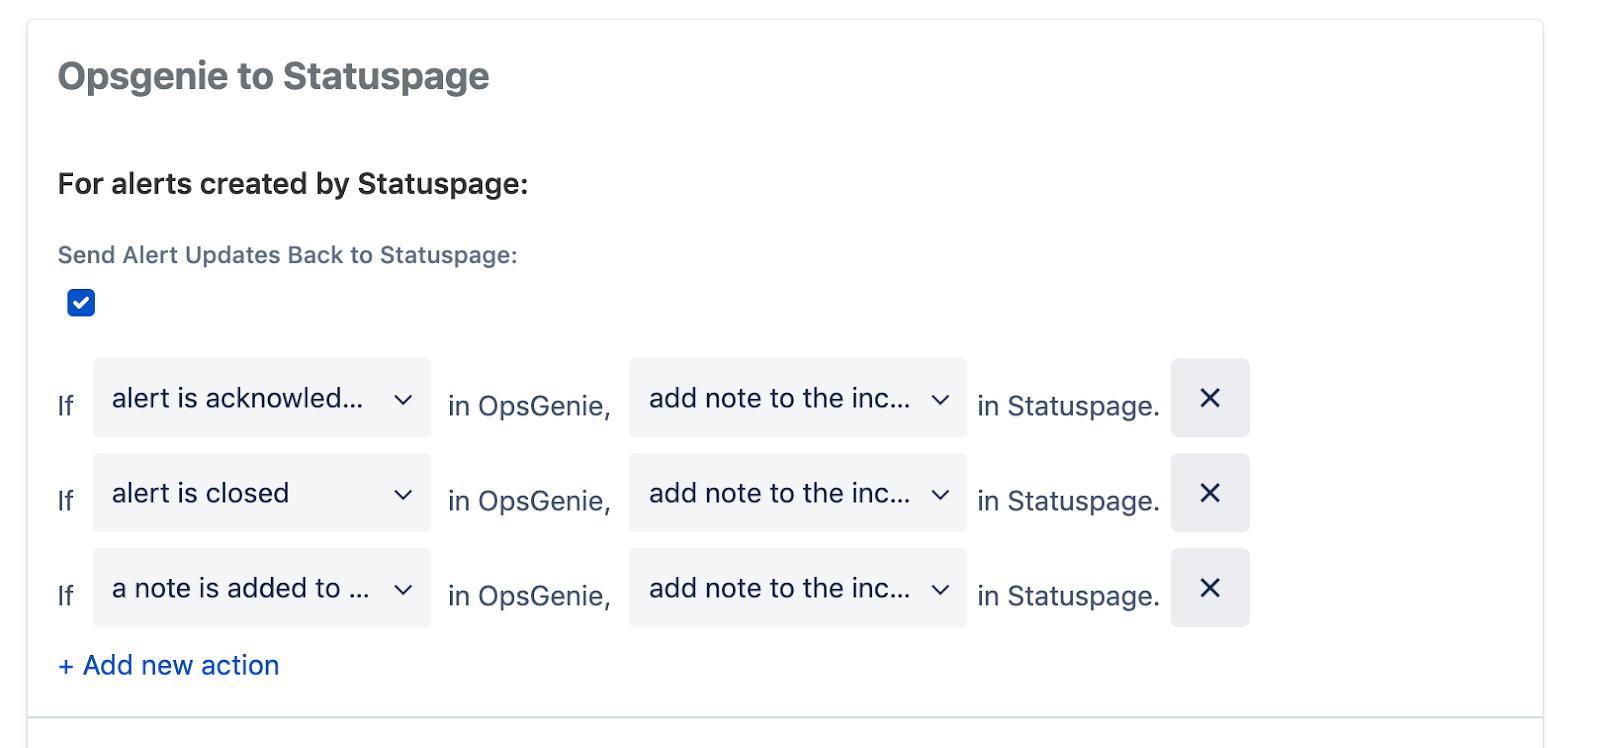 Opsgenie から statuspage へのアラート